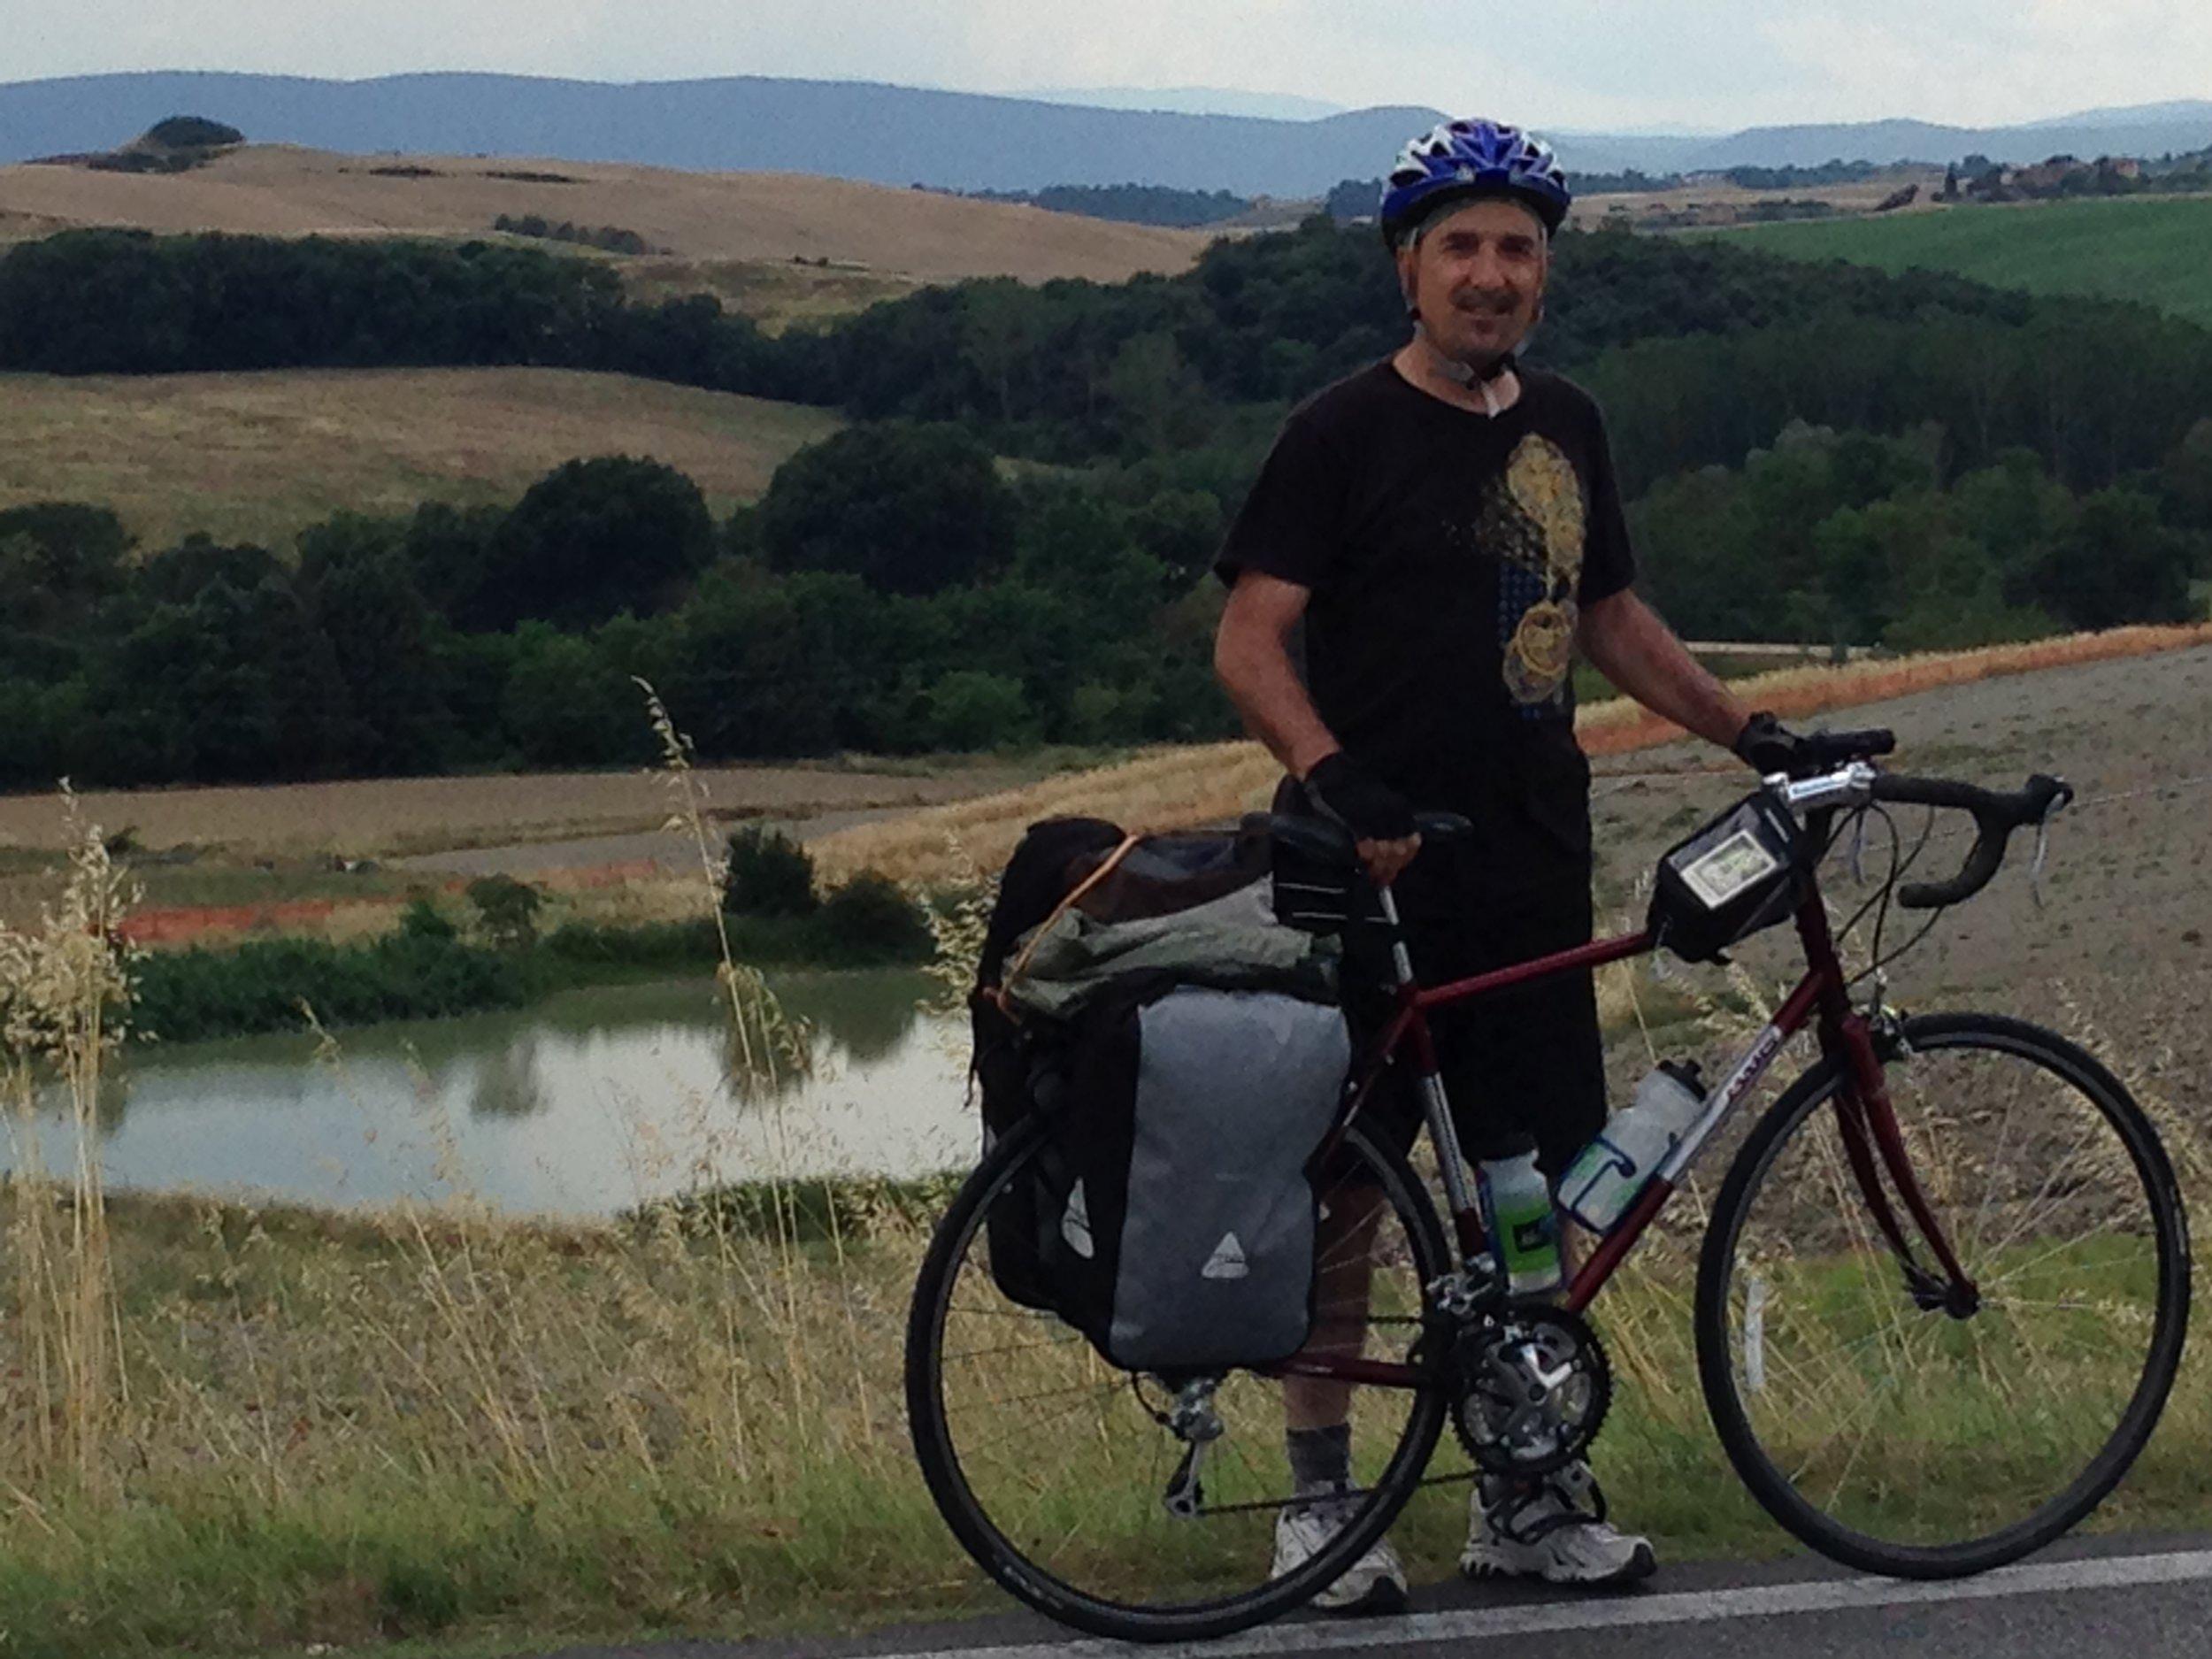 me on bike in Tuscany 2014-06-19 14.21.49.jpg